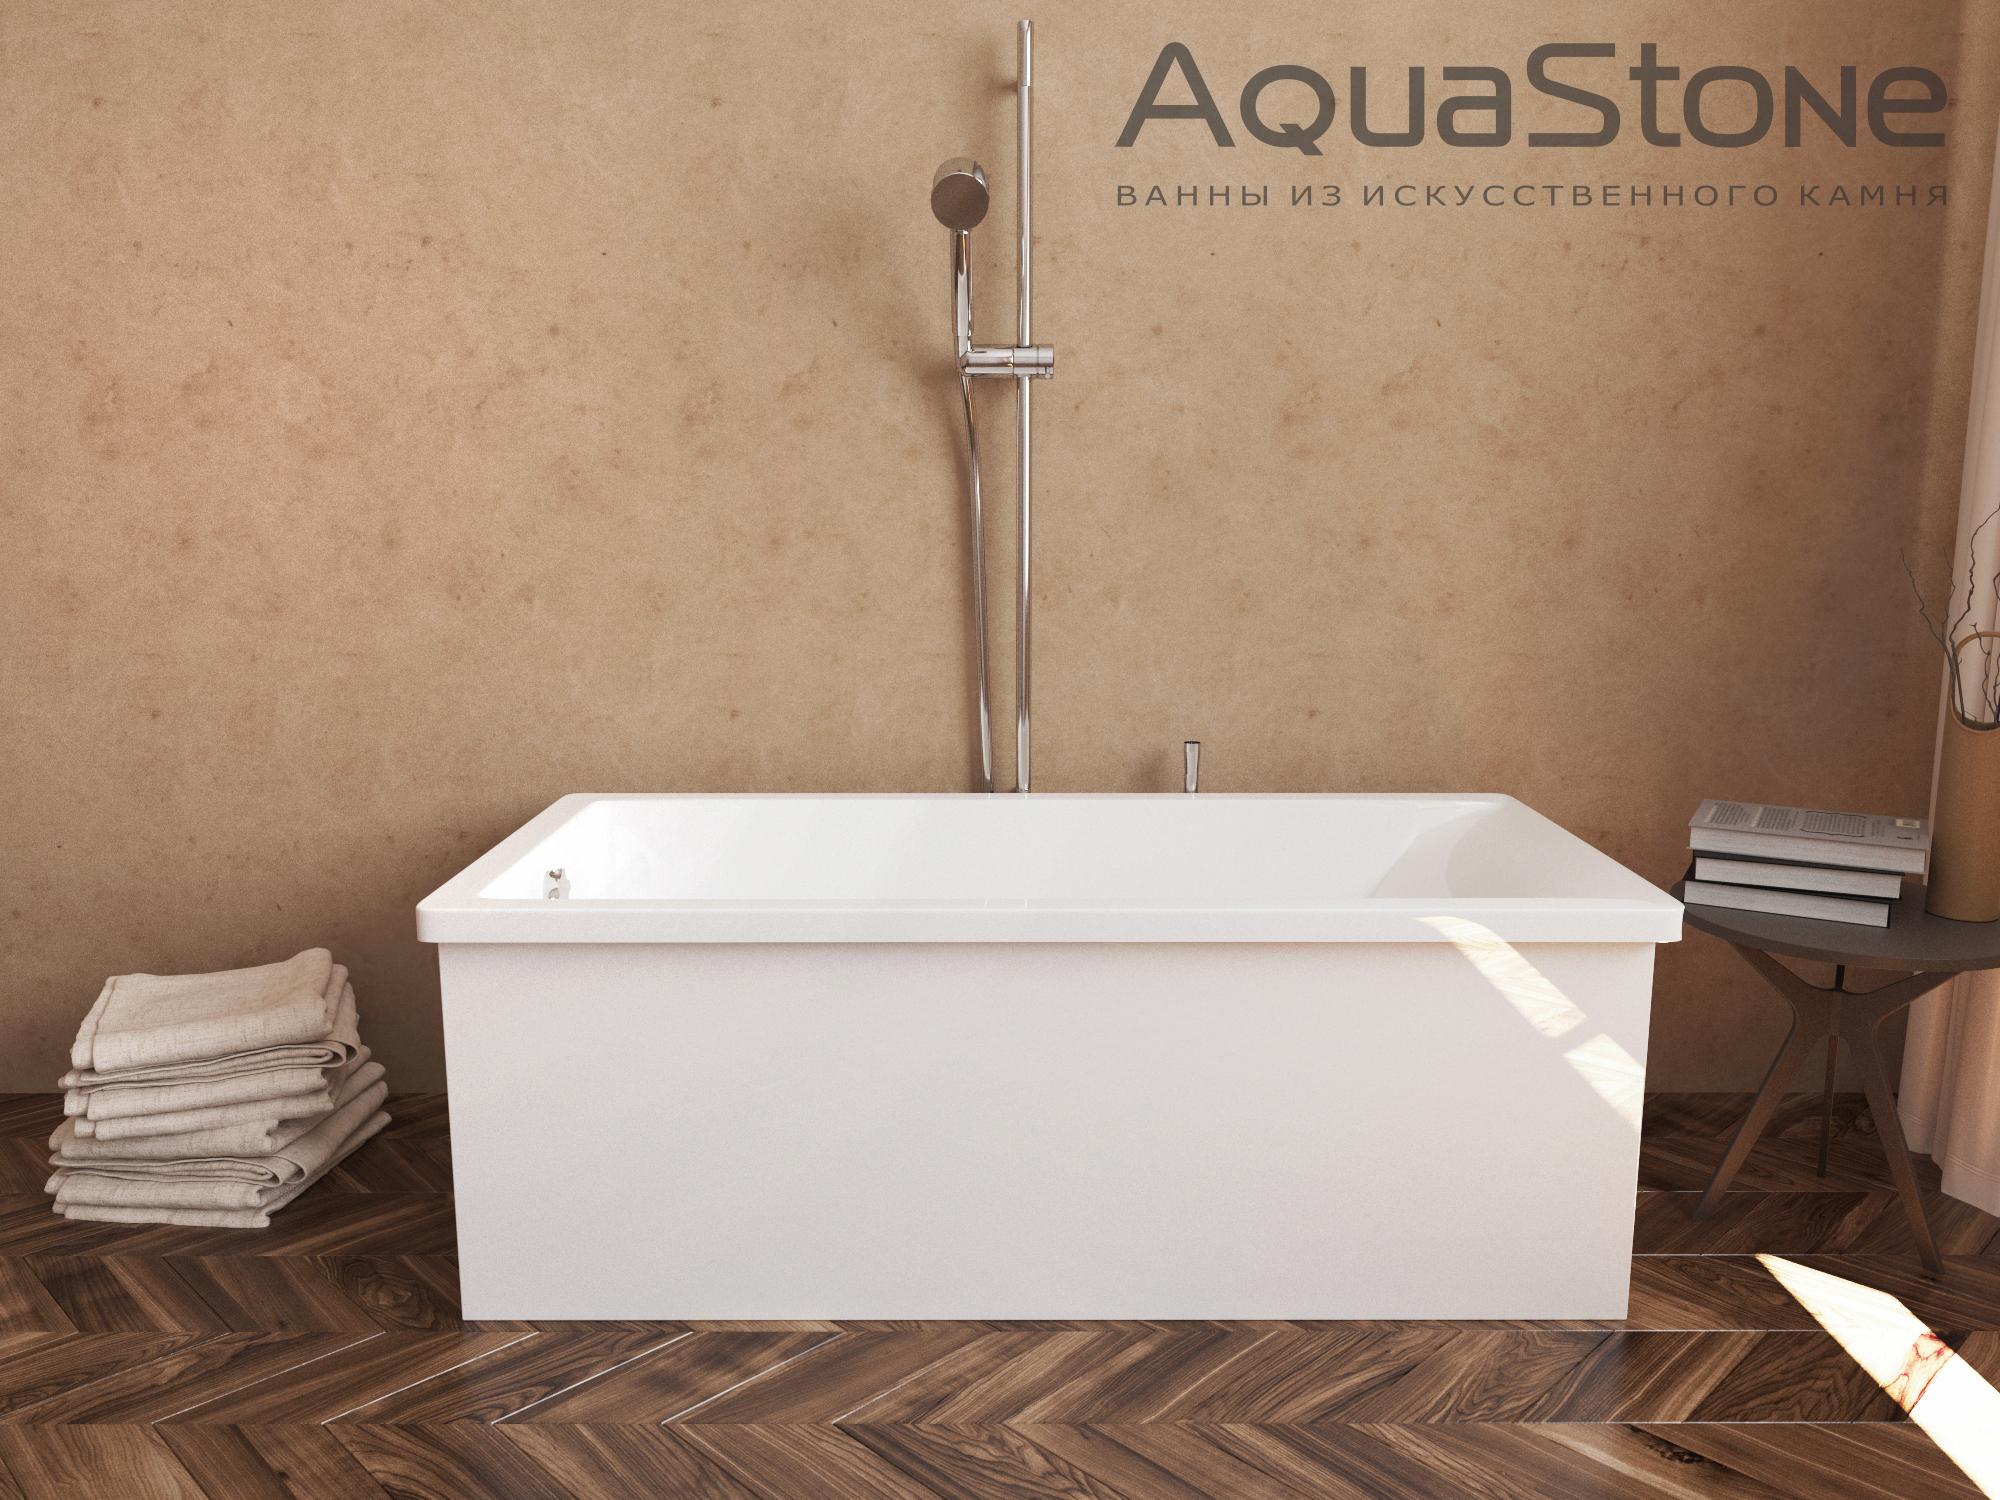 Ванна AquaStone порекомендуйте хорошего сантехника в москве